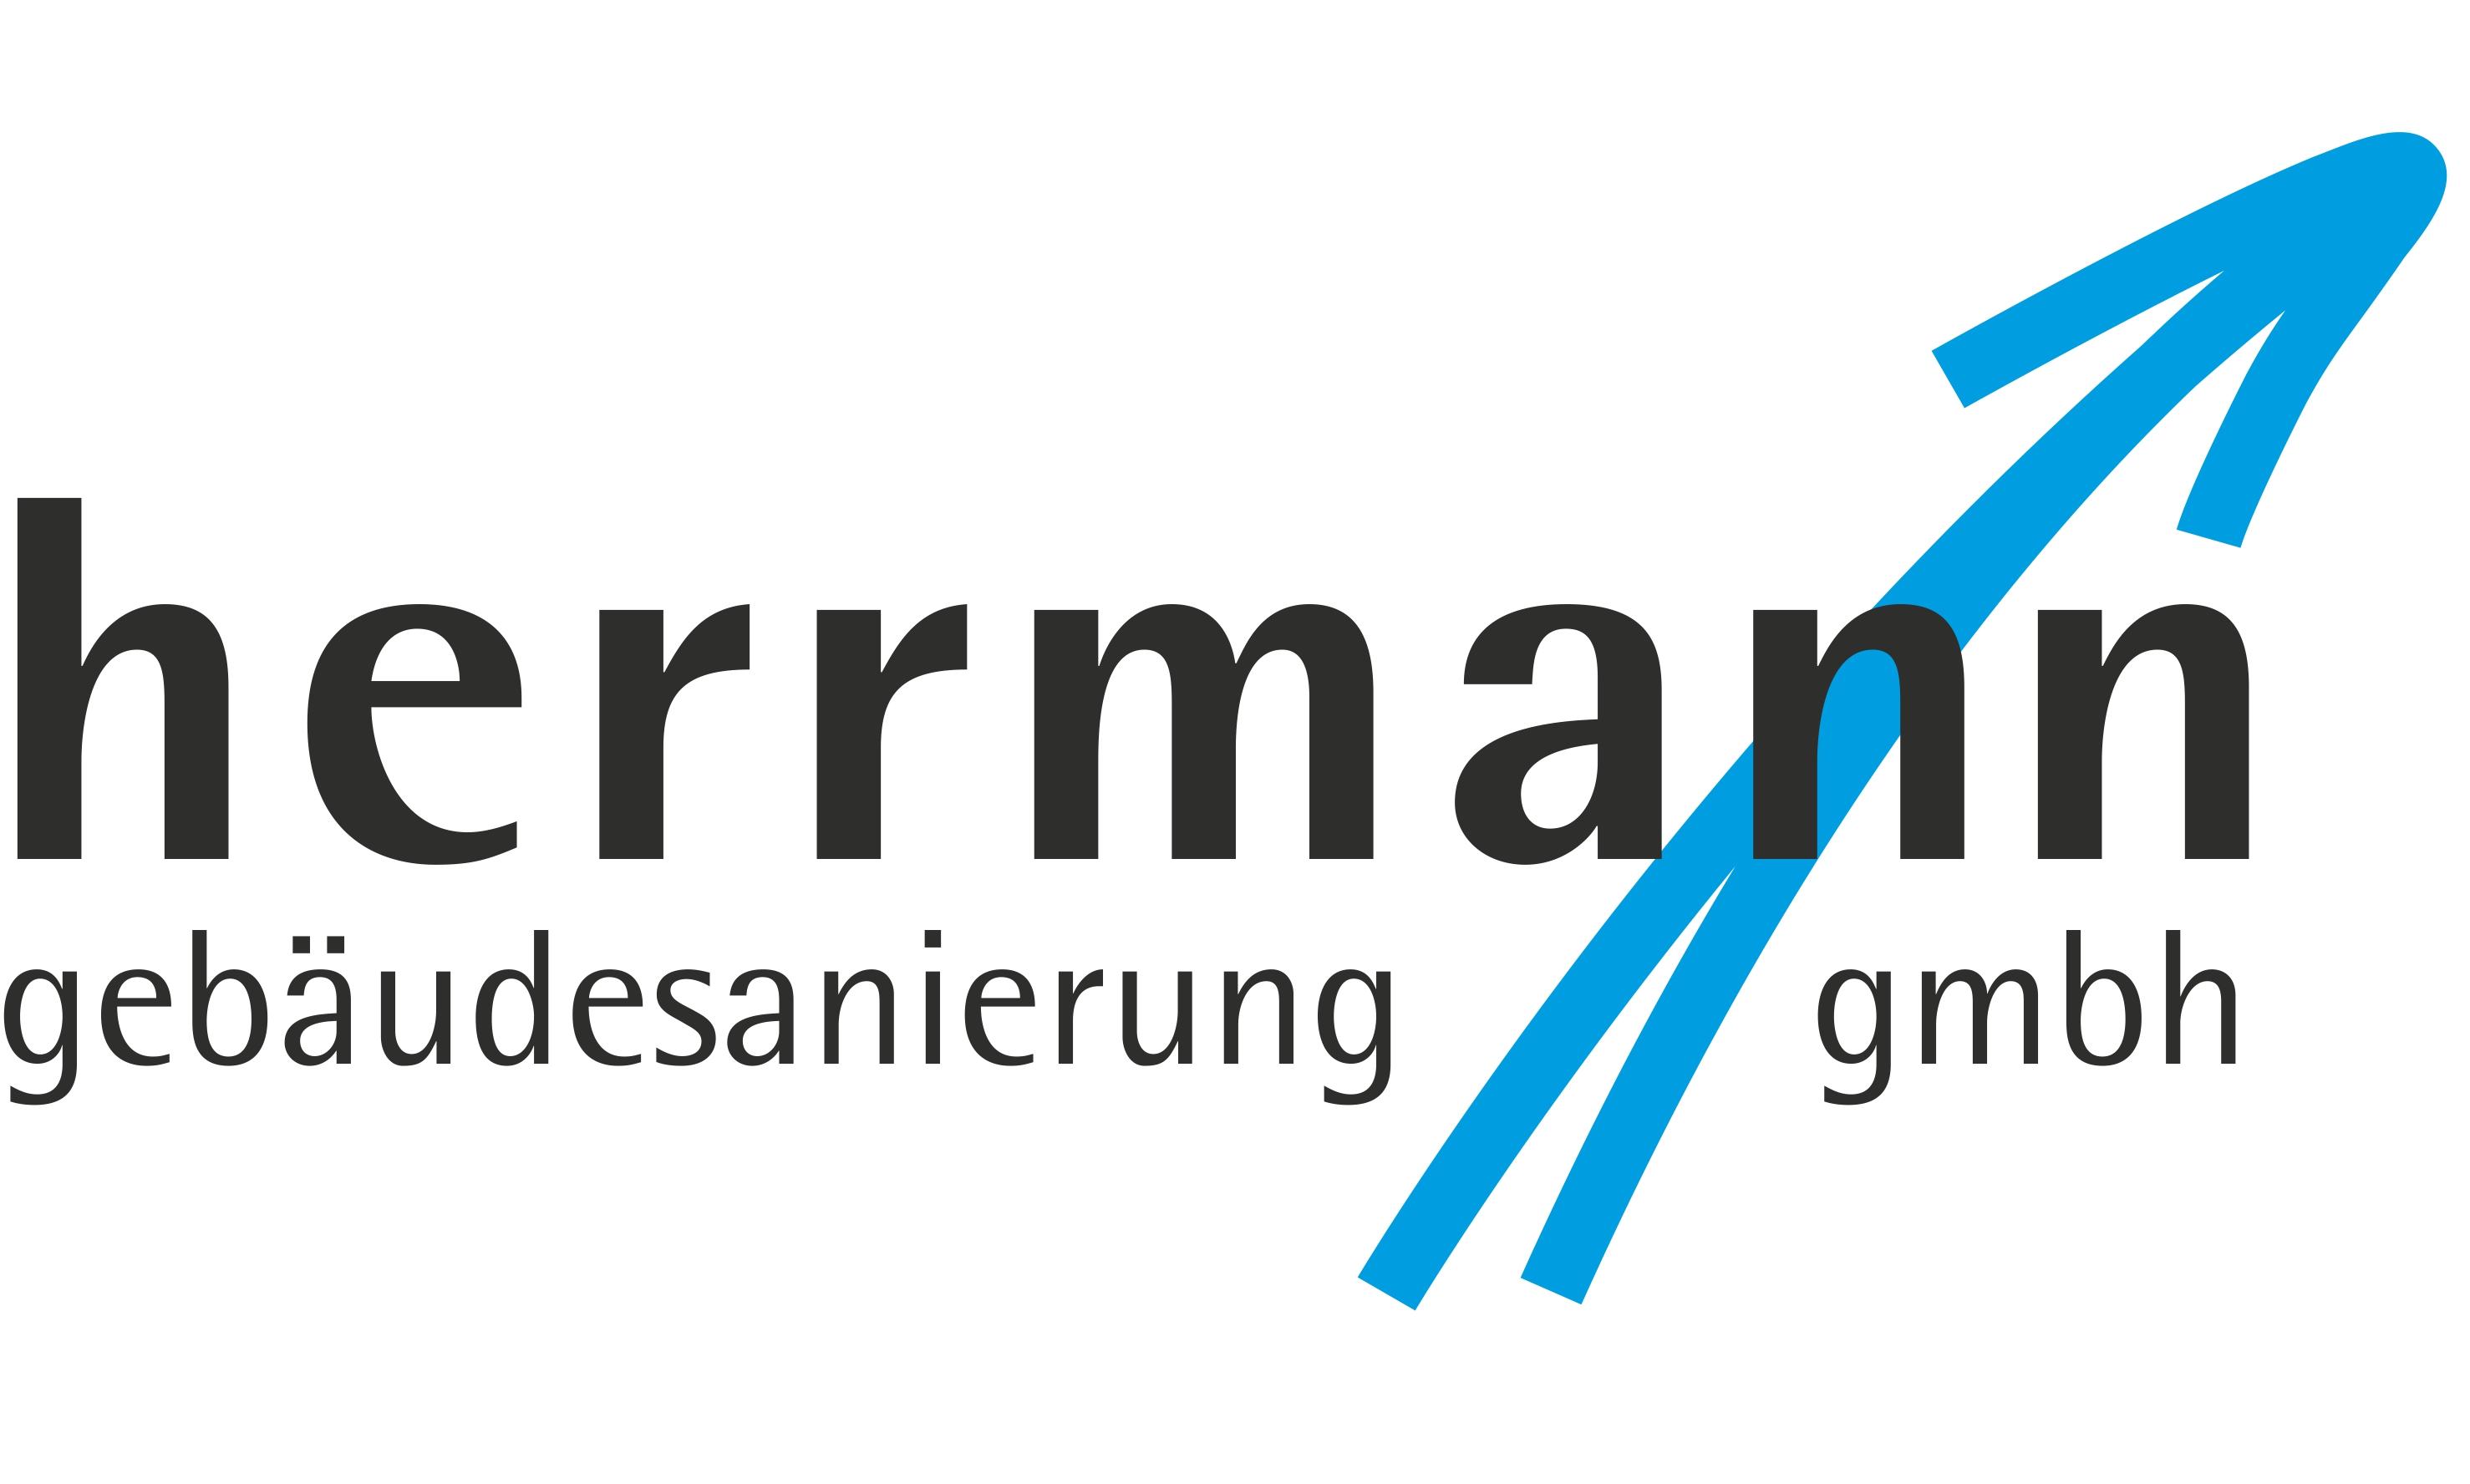 Herrmann Gebäudesanierung GmbH